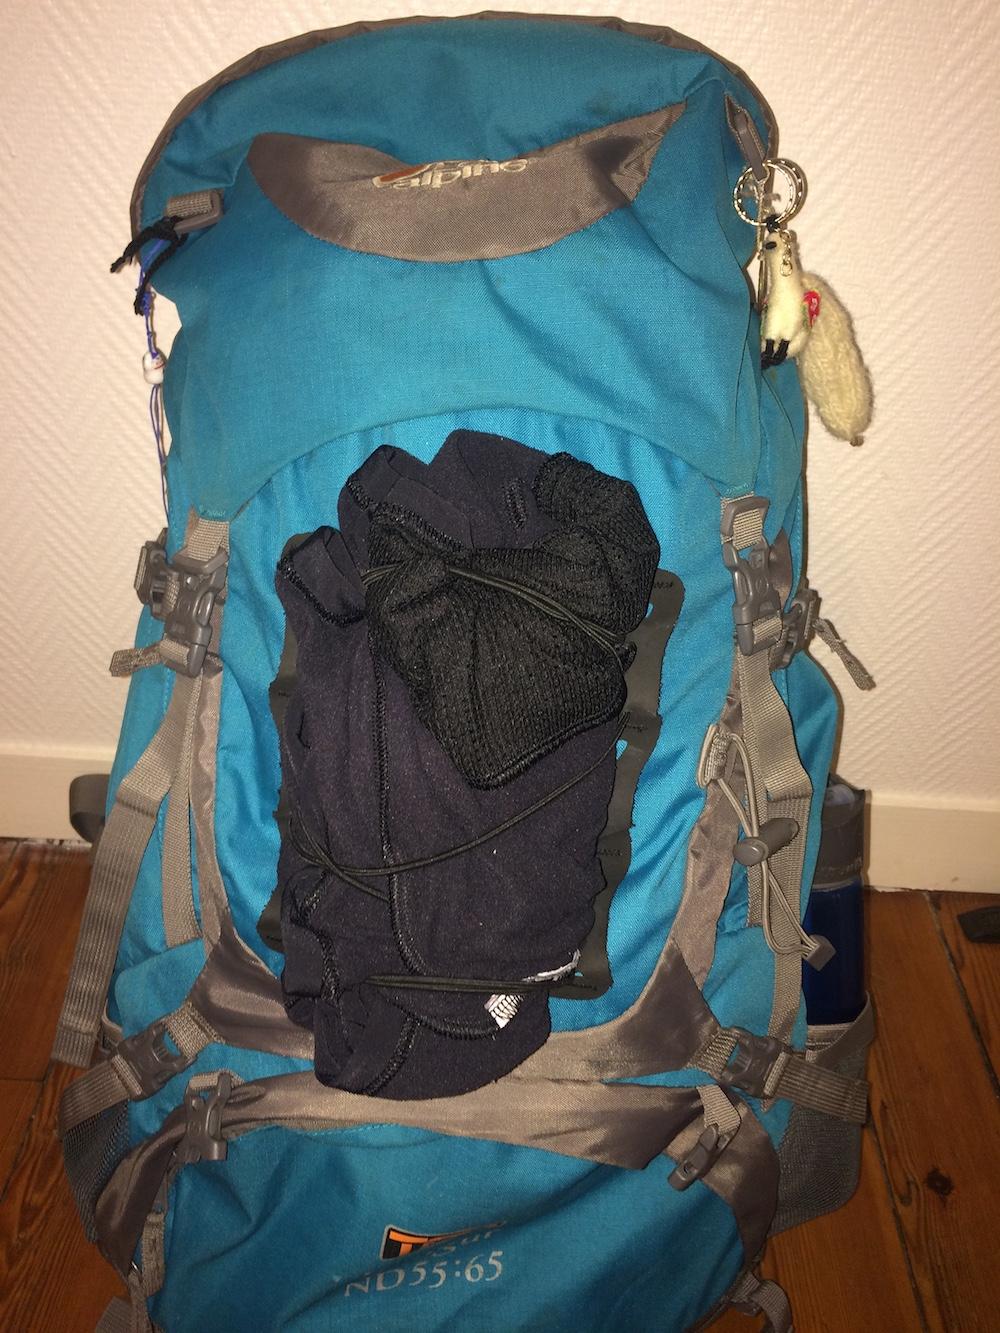 élastique de rangement extérieur sac à dos